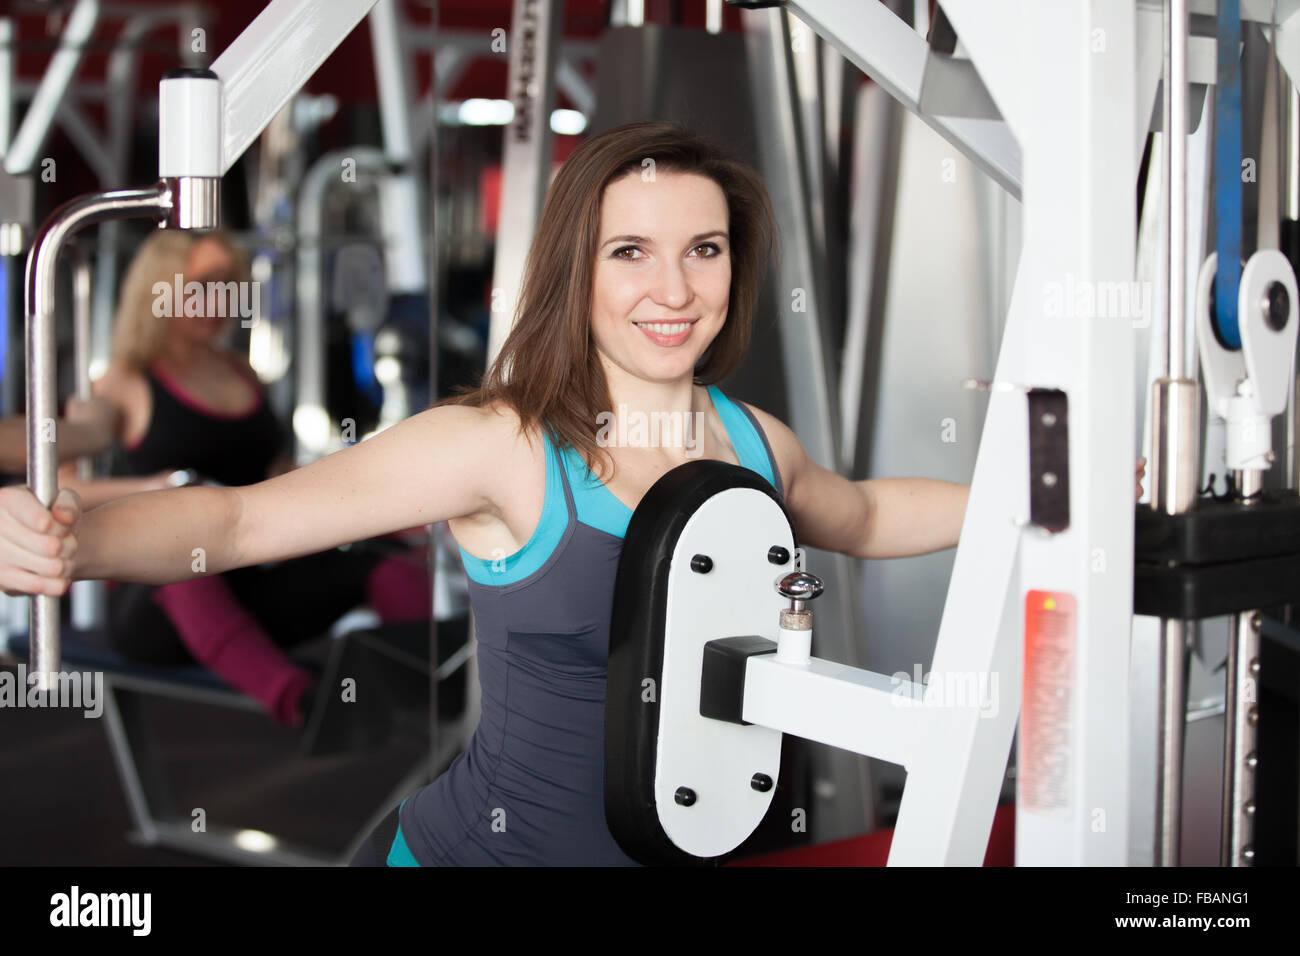 Chica sonriente en ropa deportiva hace ejercicios para brazos y hombros en aparatos de entrenamiento en el gimnasio Imagen De Stock